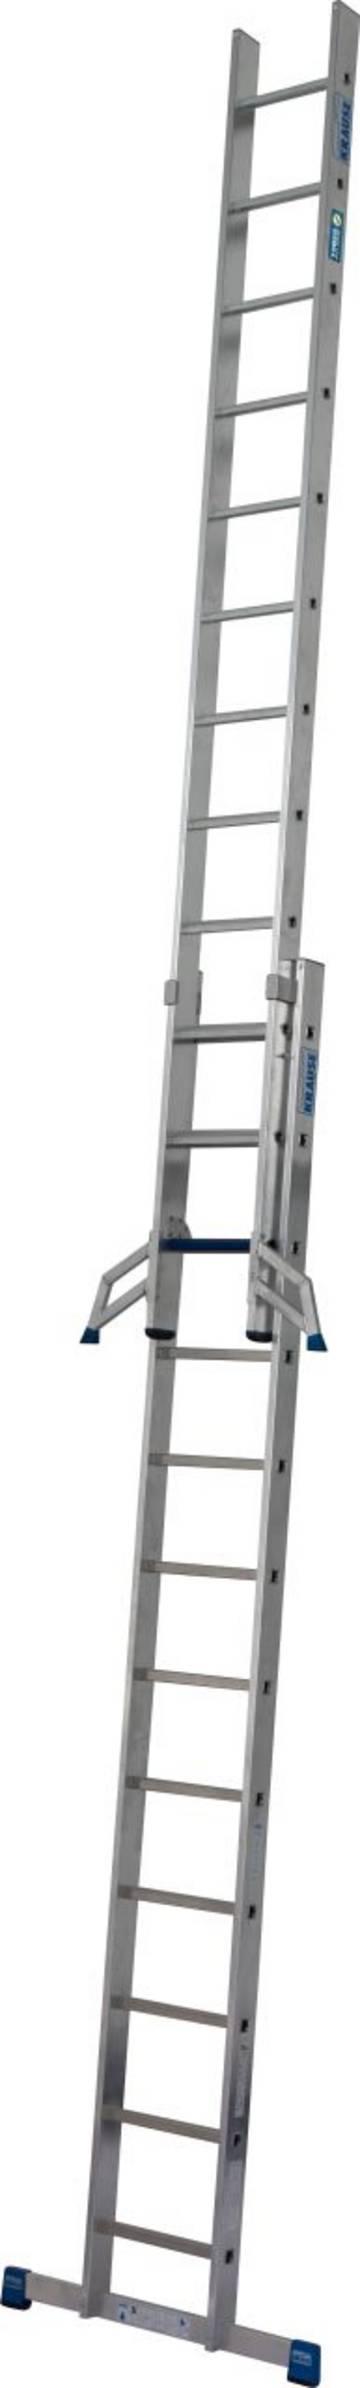 Die stabile, zweiteilige Schiebeleiter mit Stufen/Sprossen-Kombination für TRBS 2121-2-konforme Anwendung. Durch die neue, innovative Stufen/Sprossen-Kombination in einer Leiter kann diese als Verkehrsweg und als Arbeitsplatz verwendet werden. Durch die innovative KRAUSE Trigon-Traverse sind die Leiternteile der Schiebeleiter 2 x 12 separat verwendbar.